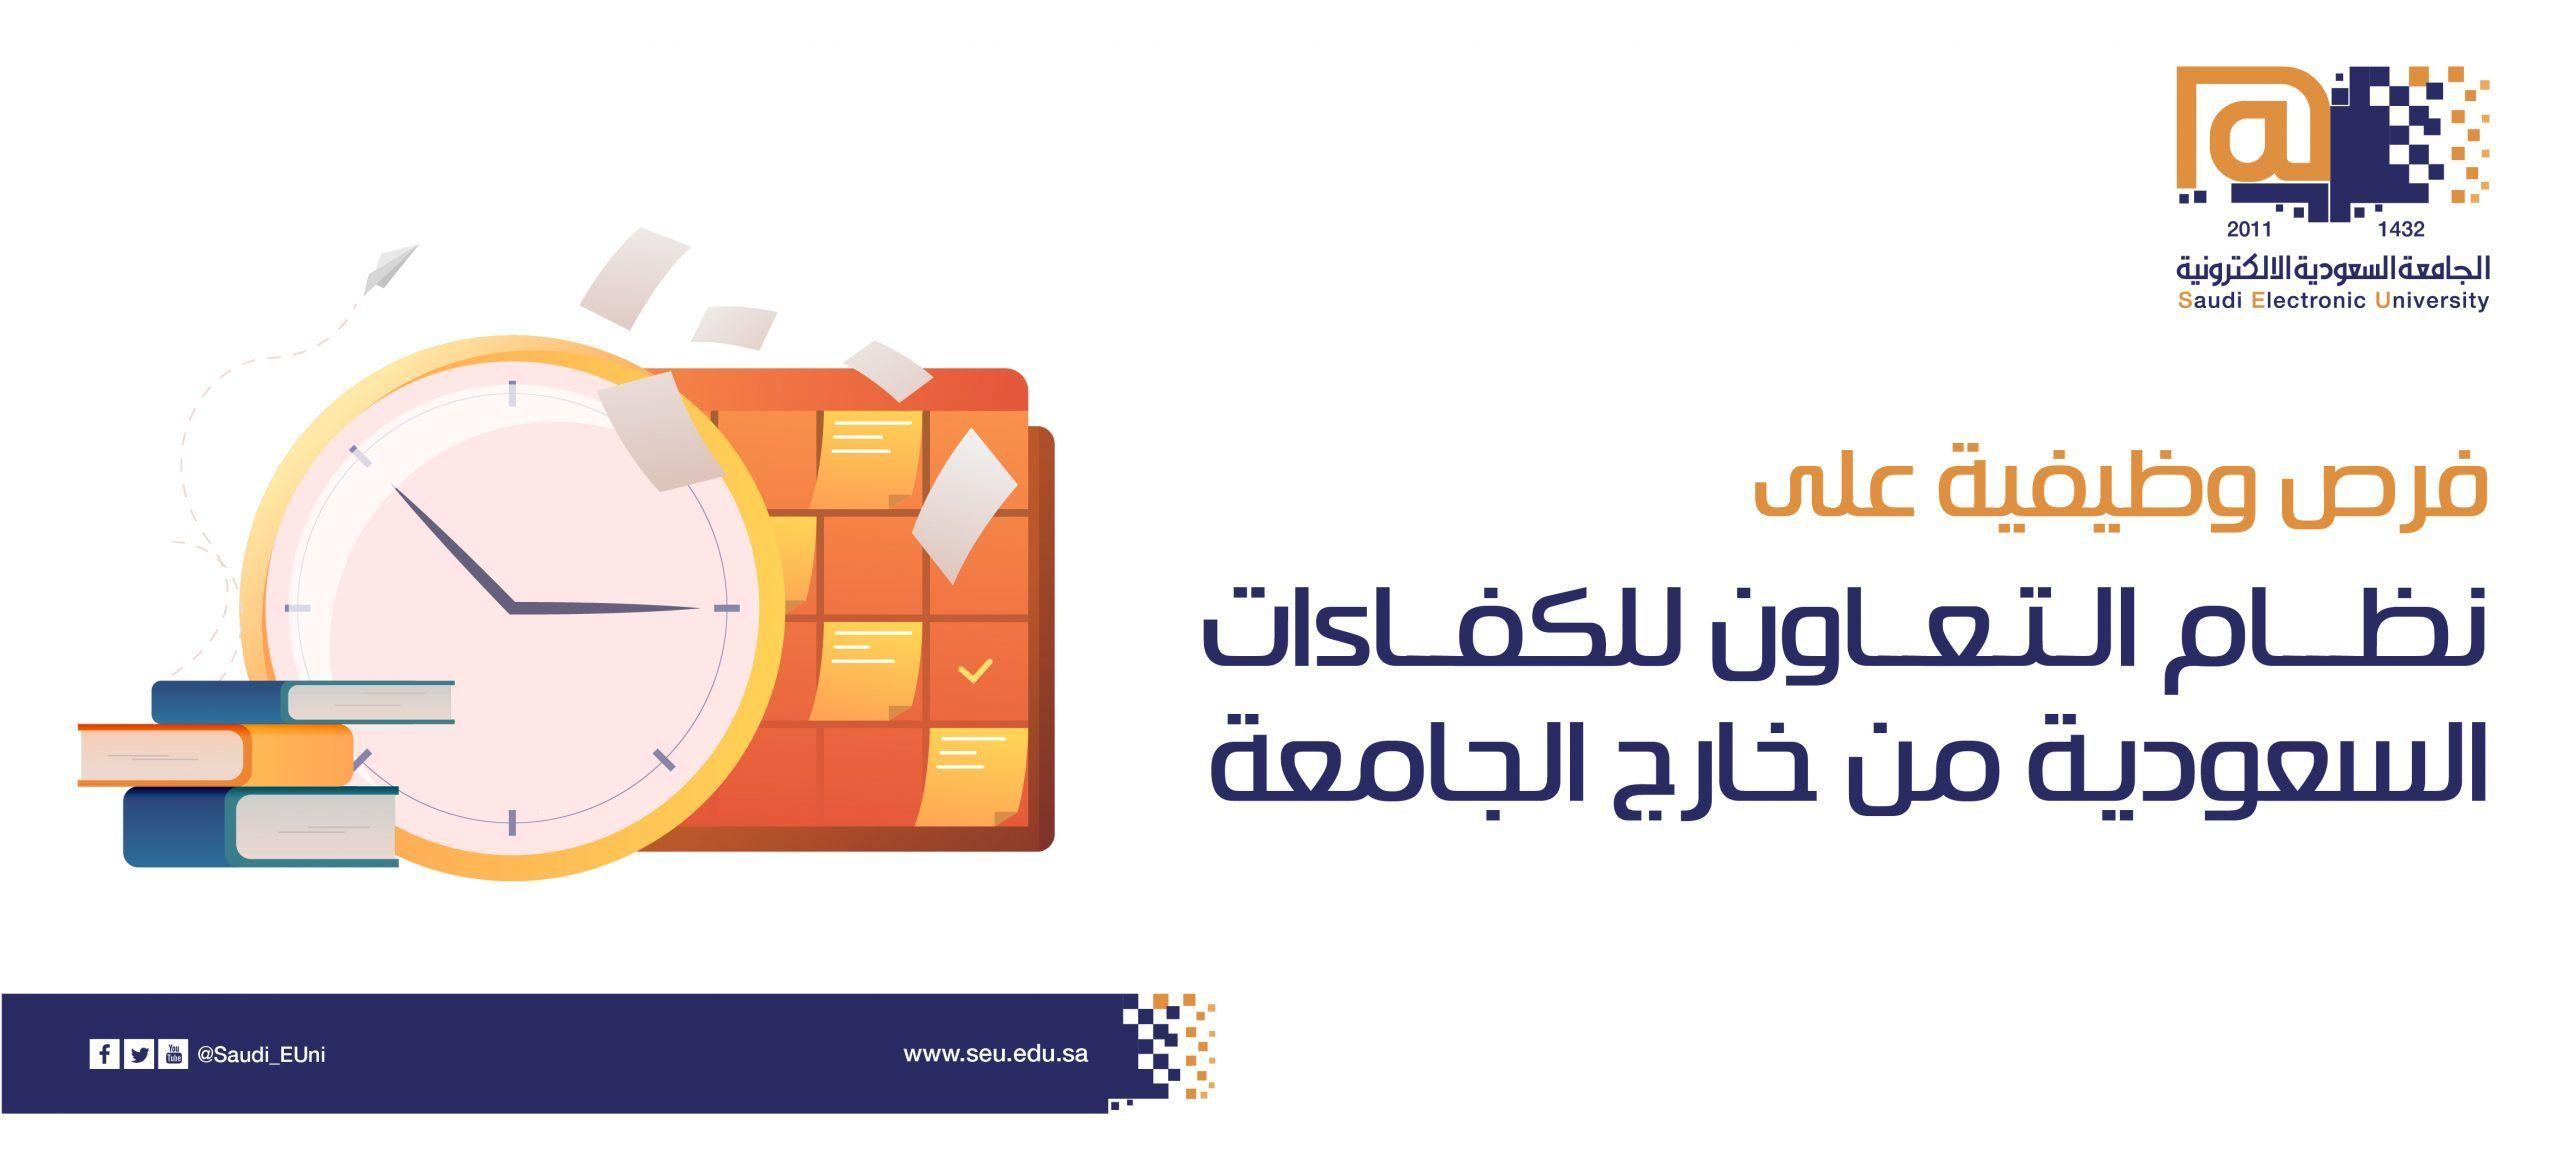 الجامعة الإلكترونية تعلن عن وظائف على نظام التعاون للكفاءات السعودية In 2020 Pie Chart Electronics Chart